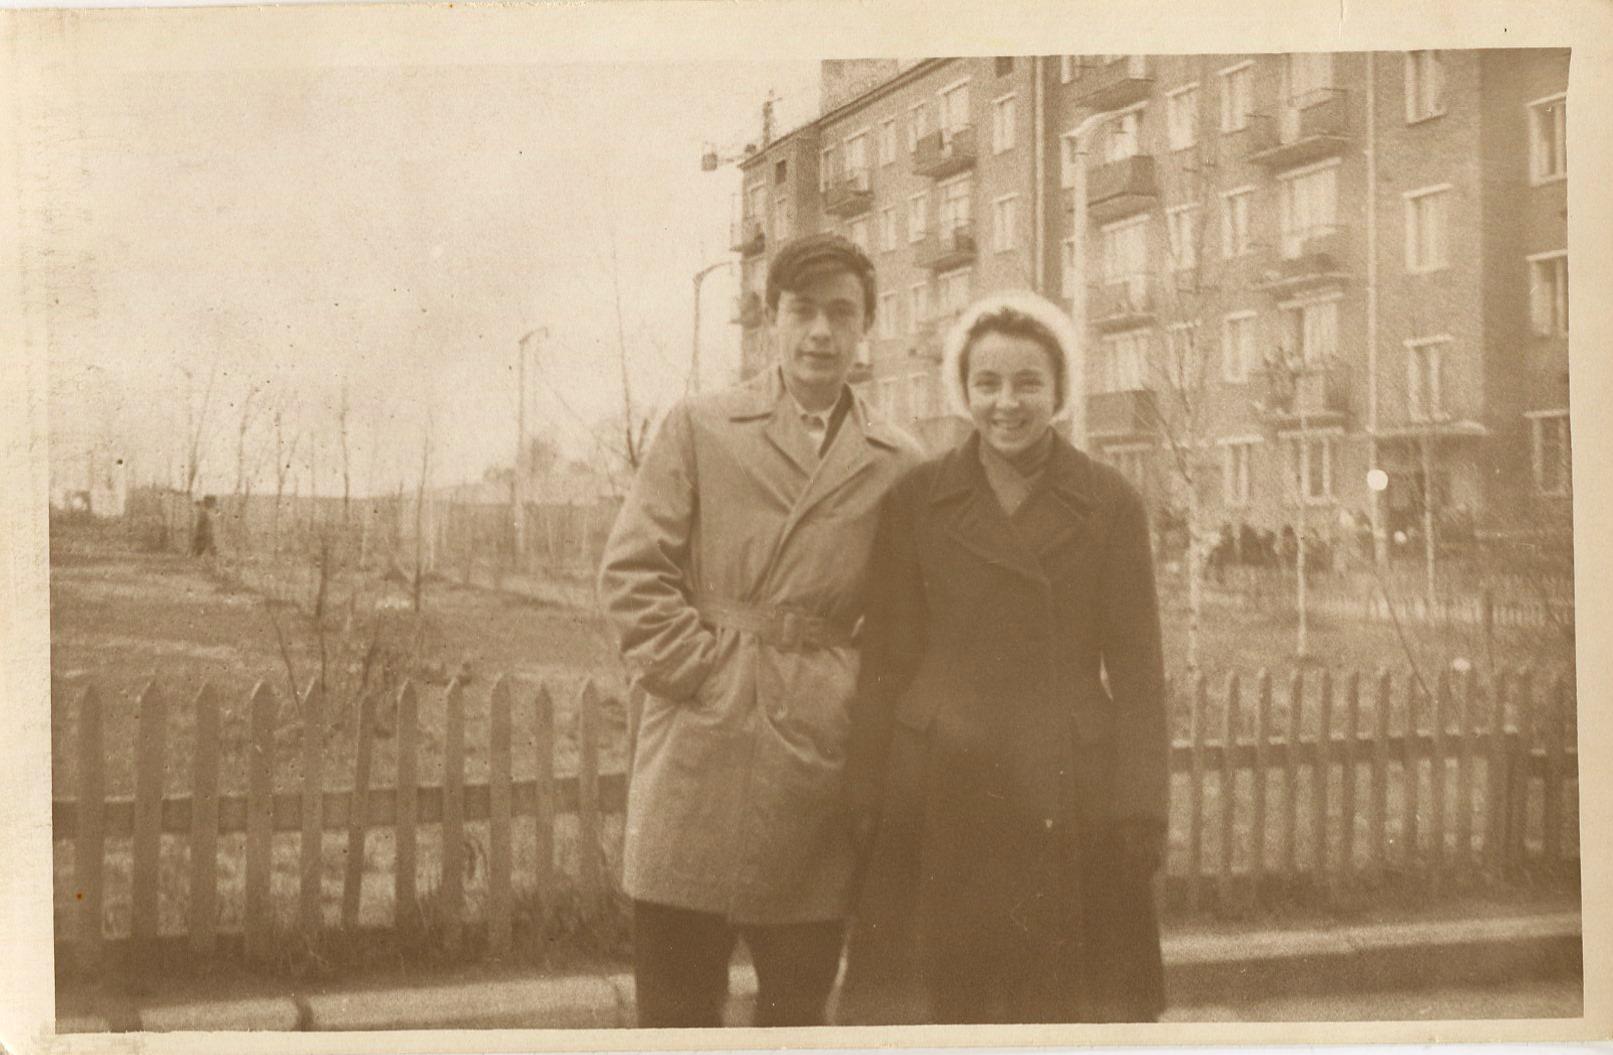 1961-63 двор ул. Б.Очак., 34 - М.Поливаной, д.4. Еще не построен д.2 по Марии Поливановой. Ольга Глотова